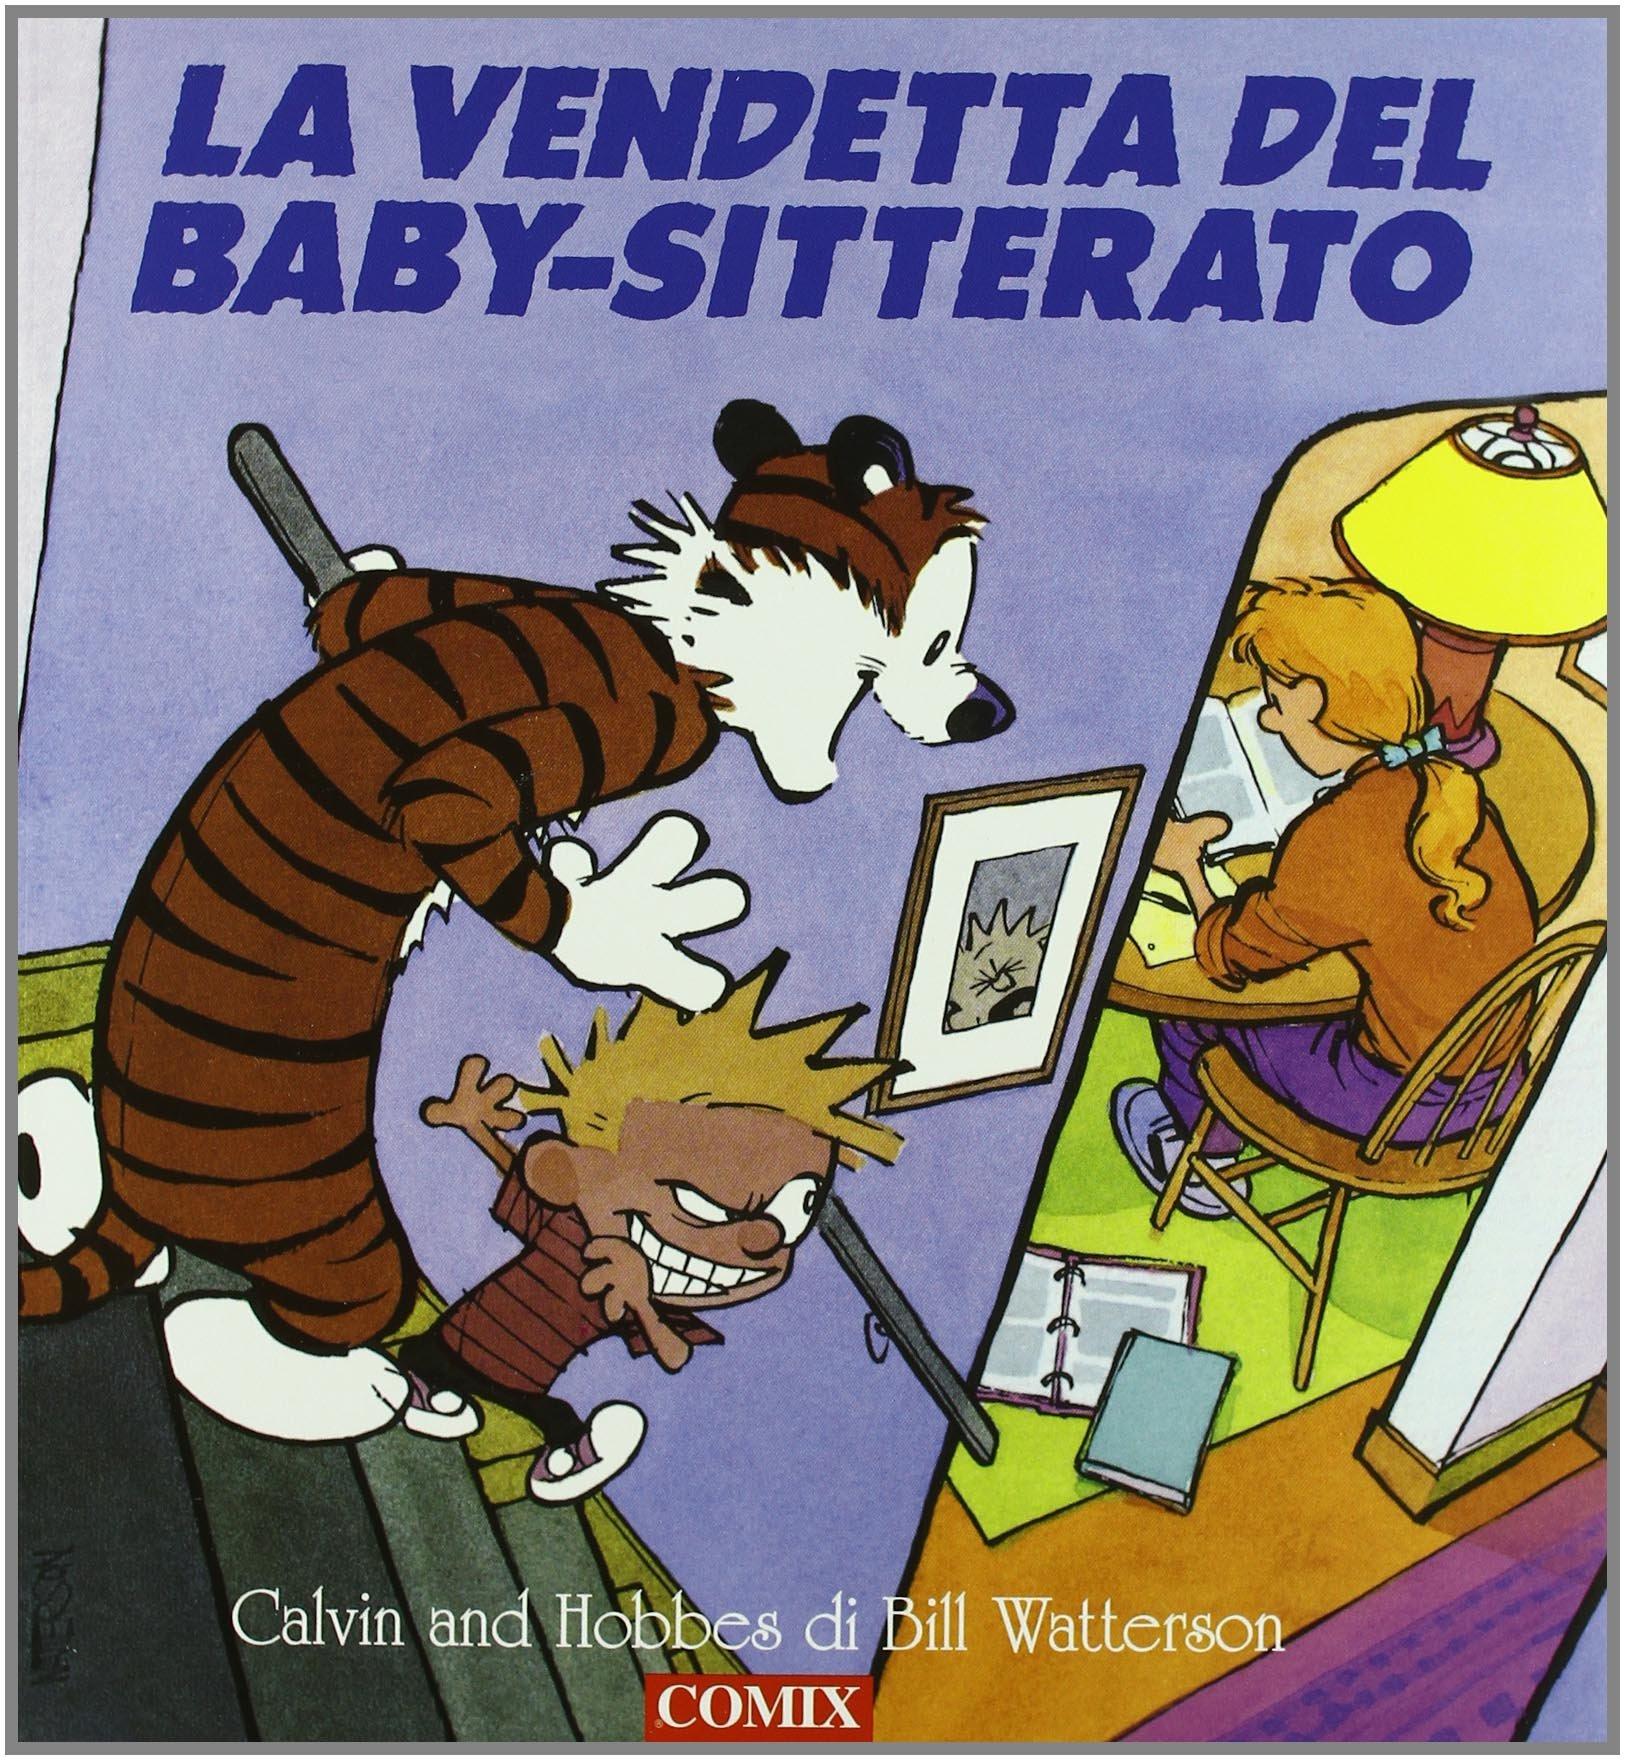 La vendetta del baby-sitterato. Calvin and Hobbes (Italienisch) Taschenbuch – 1. Januar 1999 Bill Watterson Comix 8881930730 Comics & Mangas